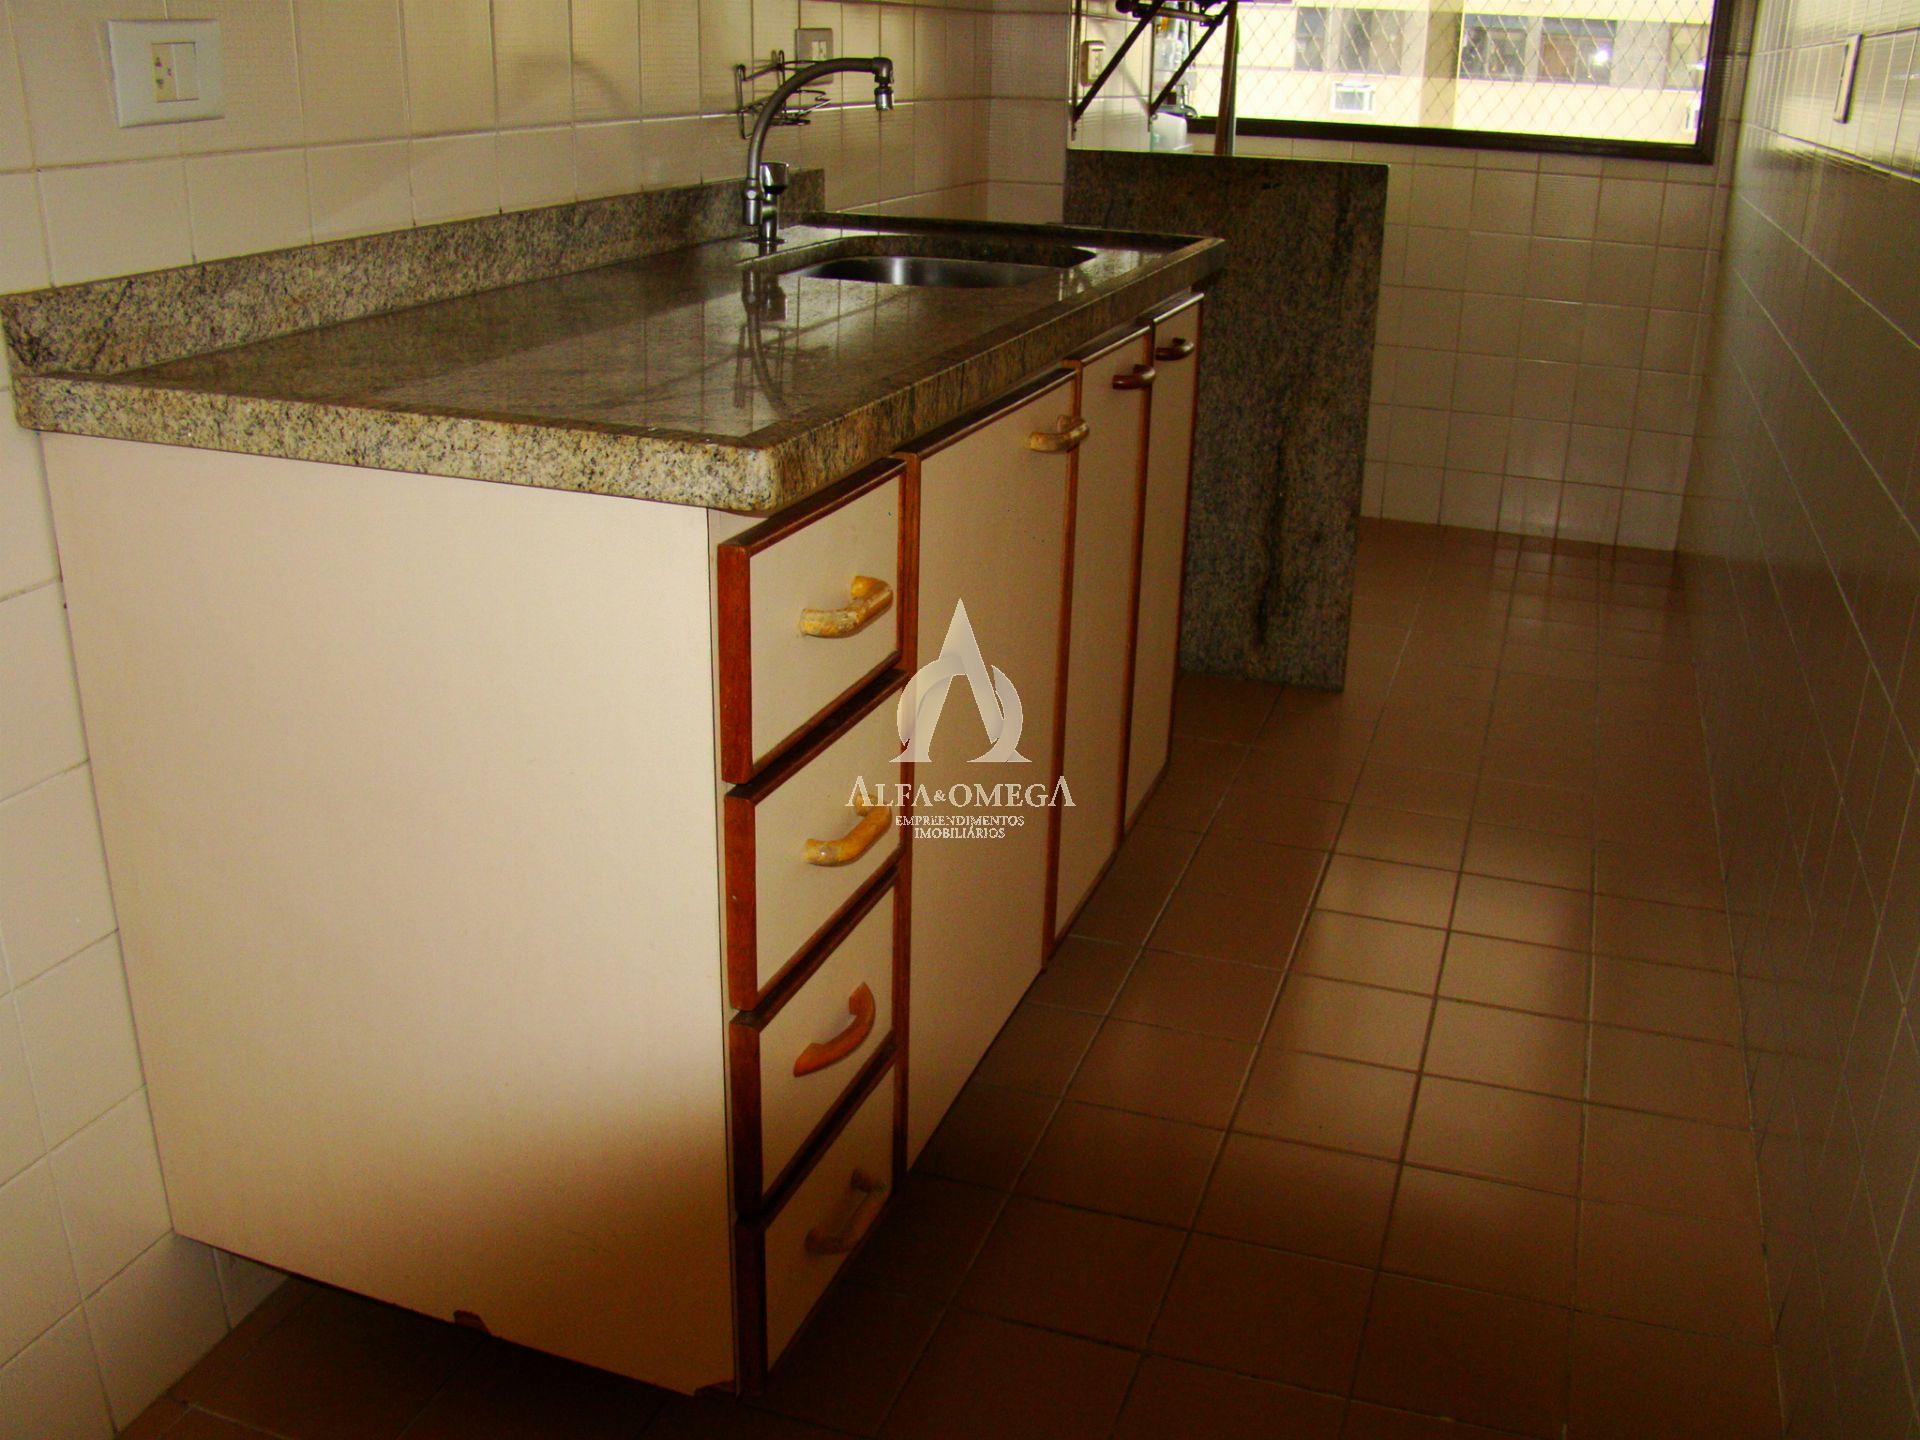 FOTO 28 - Apartamento 2 quartos à venda Barra da Tijuca, Rio de Janeiro - R$ 650.000 - AO20411 - 30